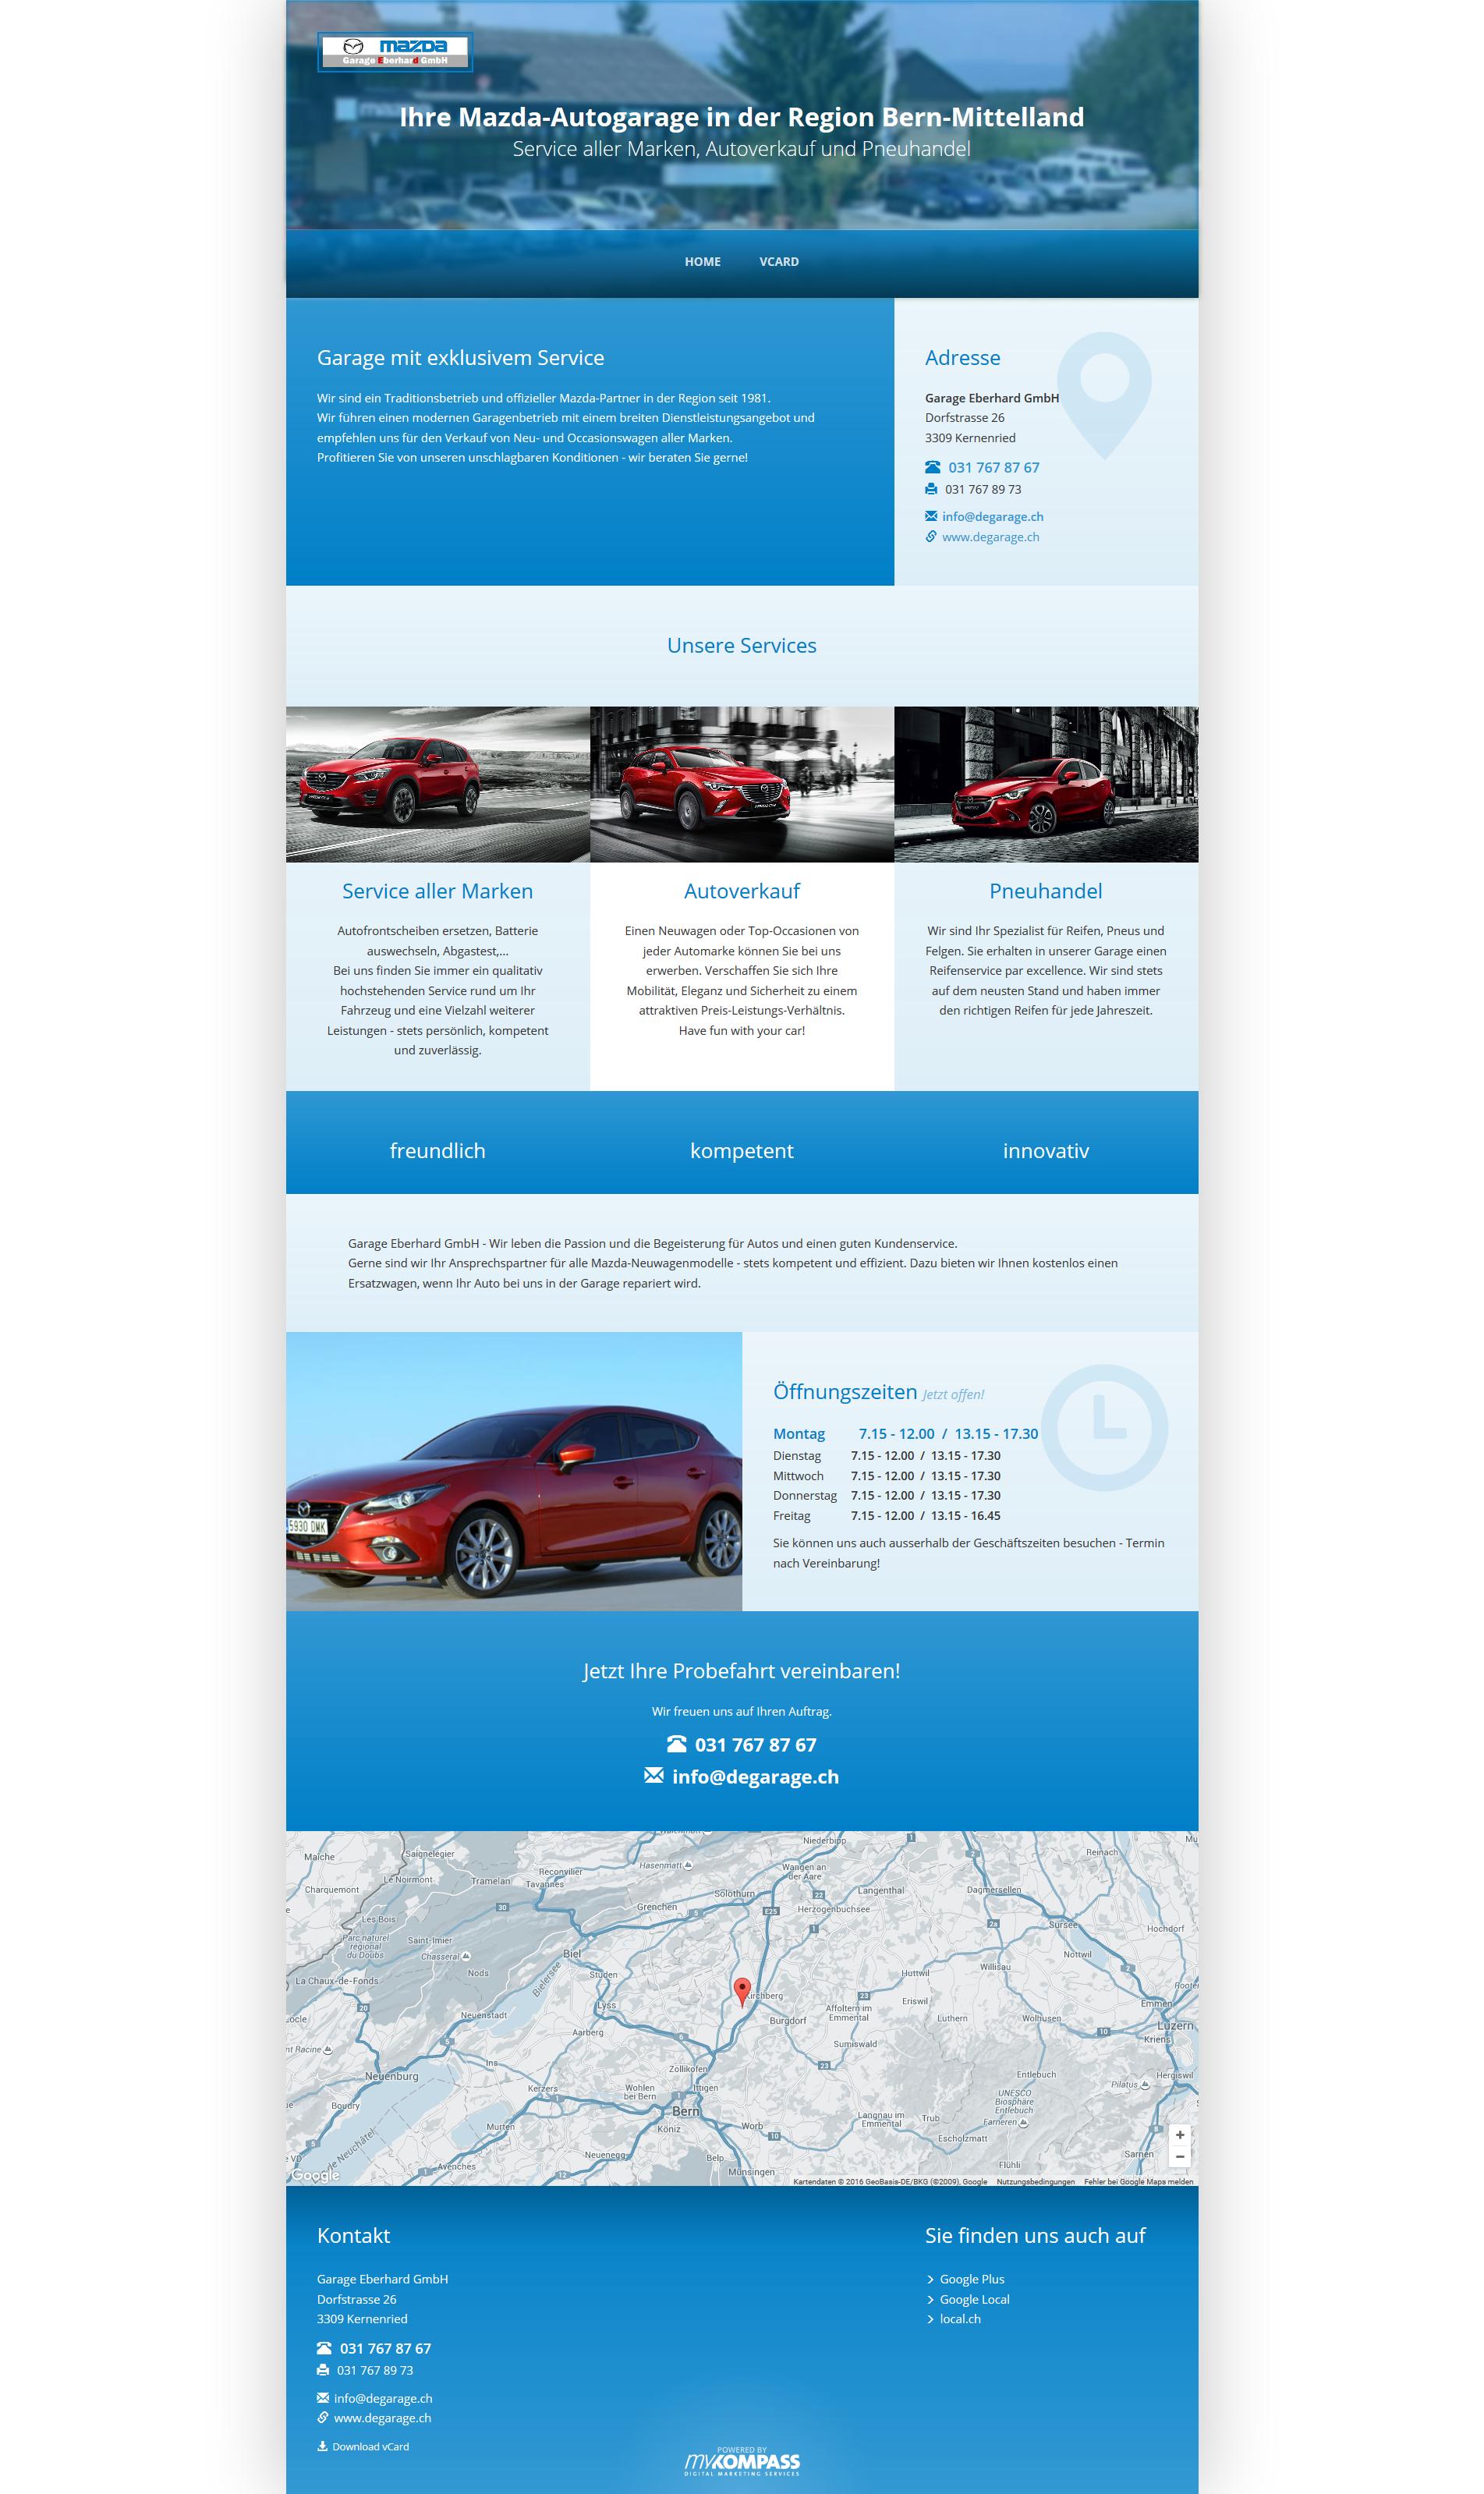 Garage Eberhard GmbH, Kernenried, Bern-MIttelland, Mazda-Autogarege, Service aller Marken, Autoverkauf, Pneuhandel